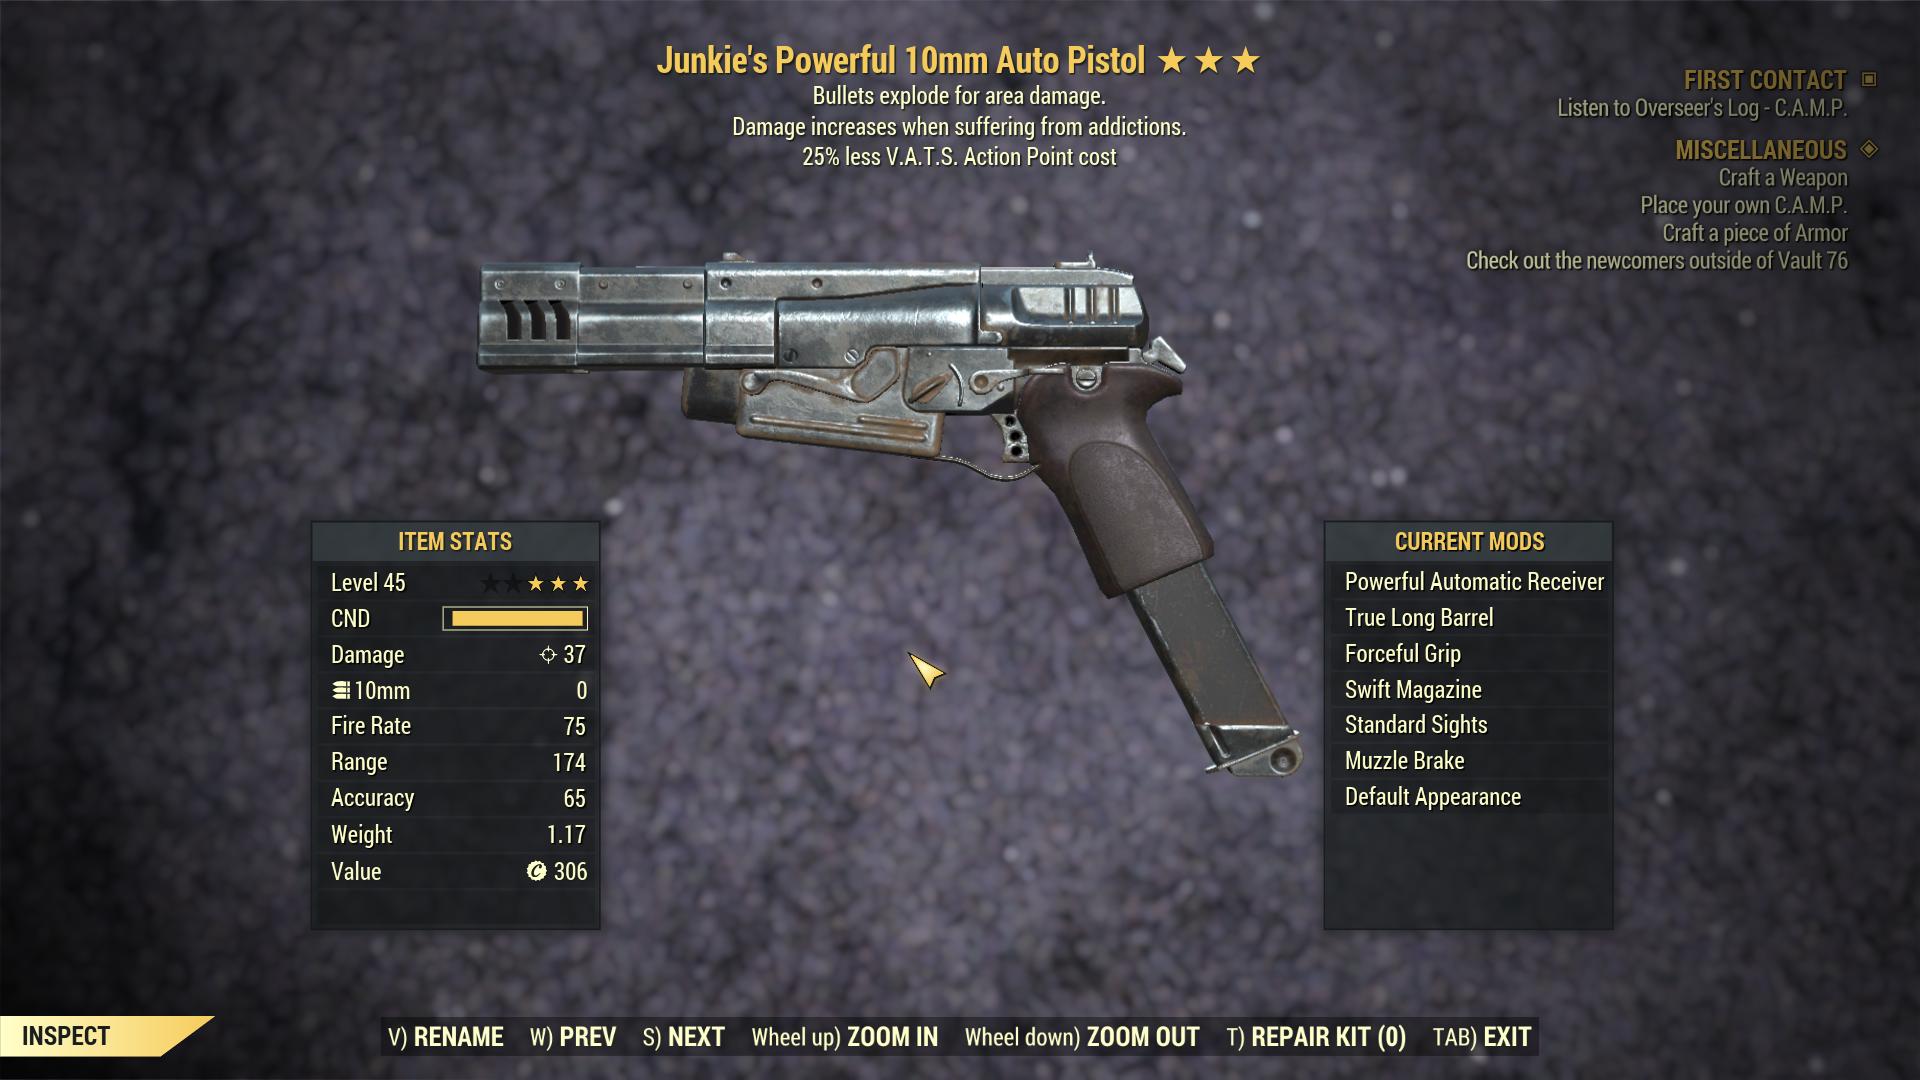 [PC] Junkie 10mm Pistol Explosive [ 25% Less VATS AP]